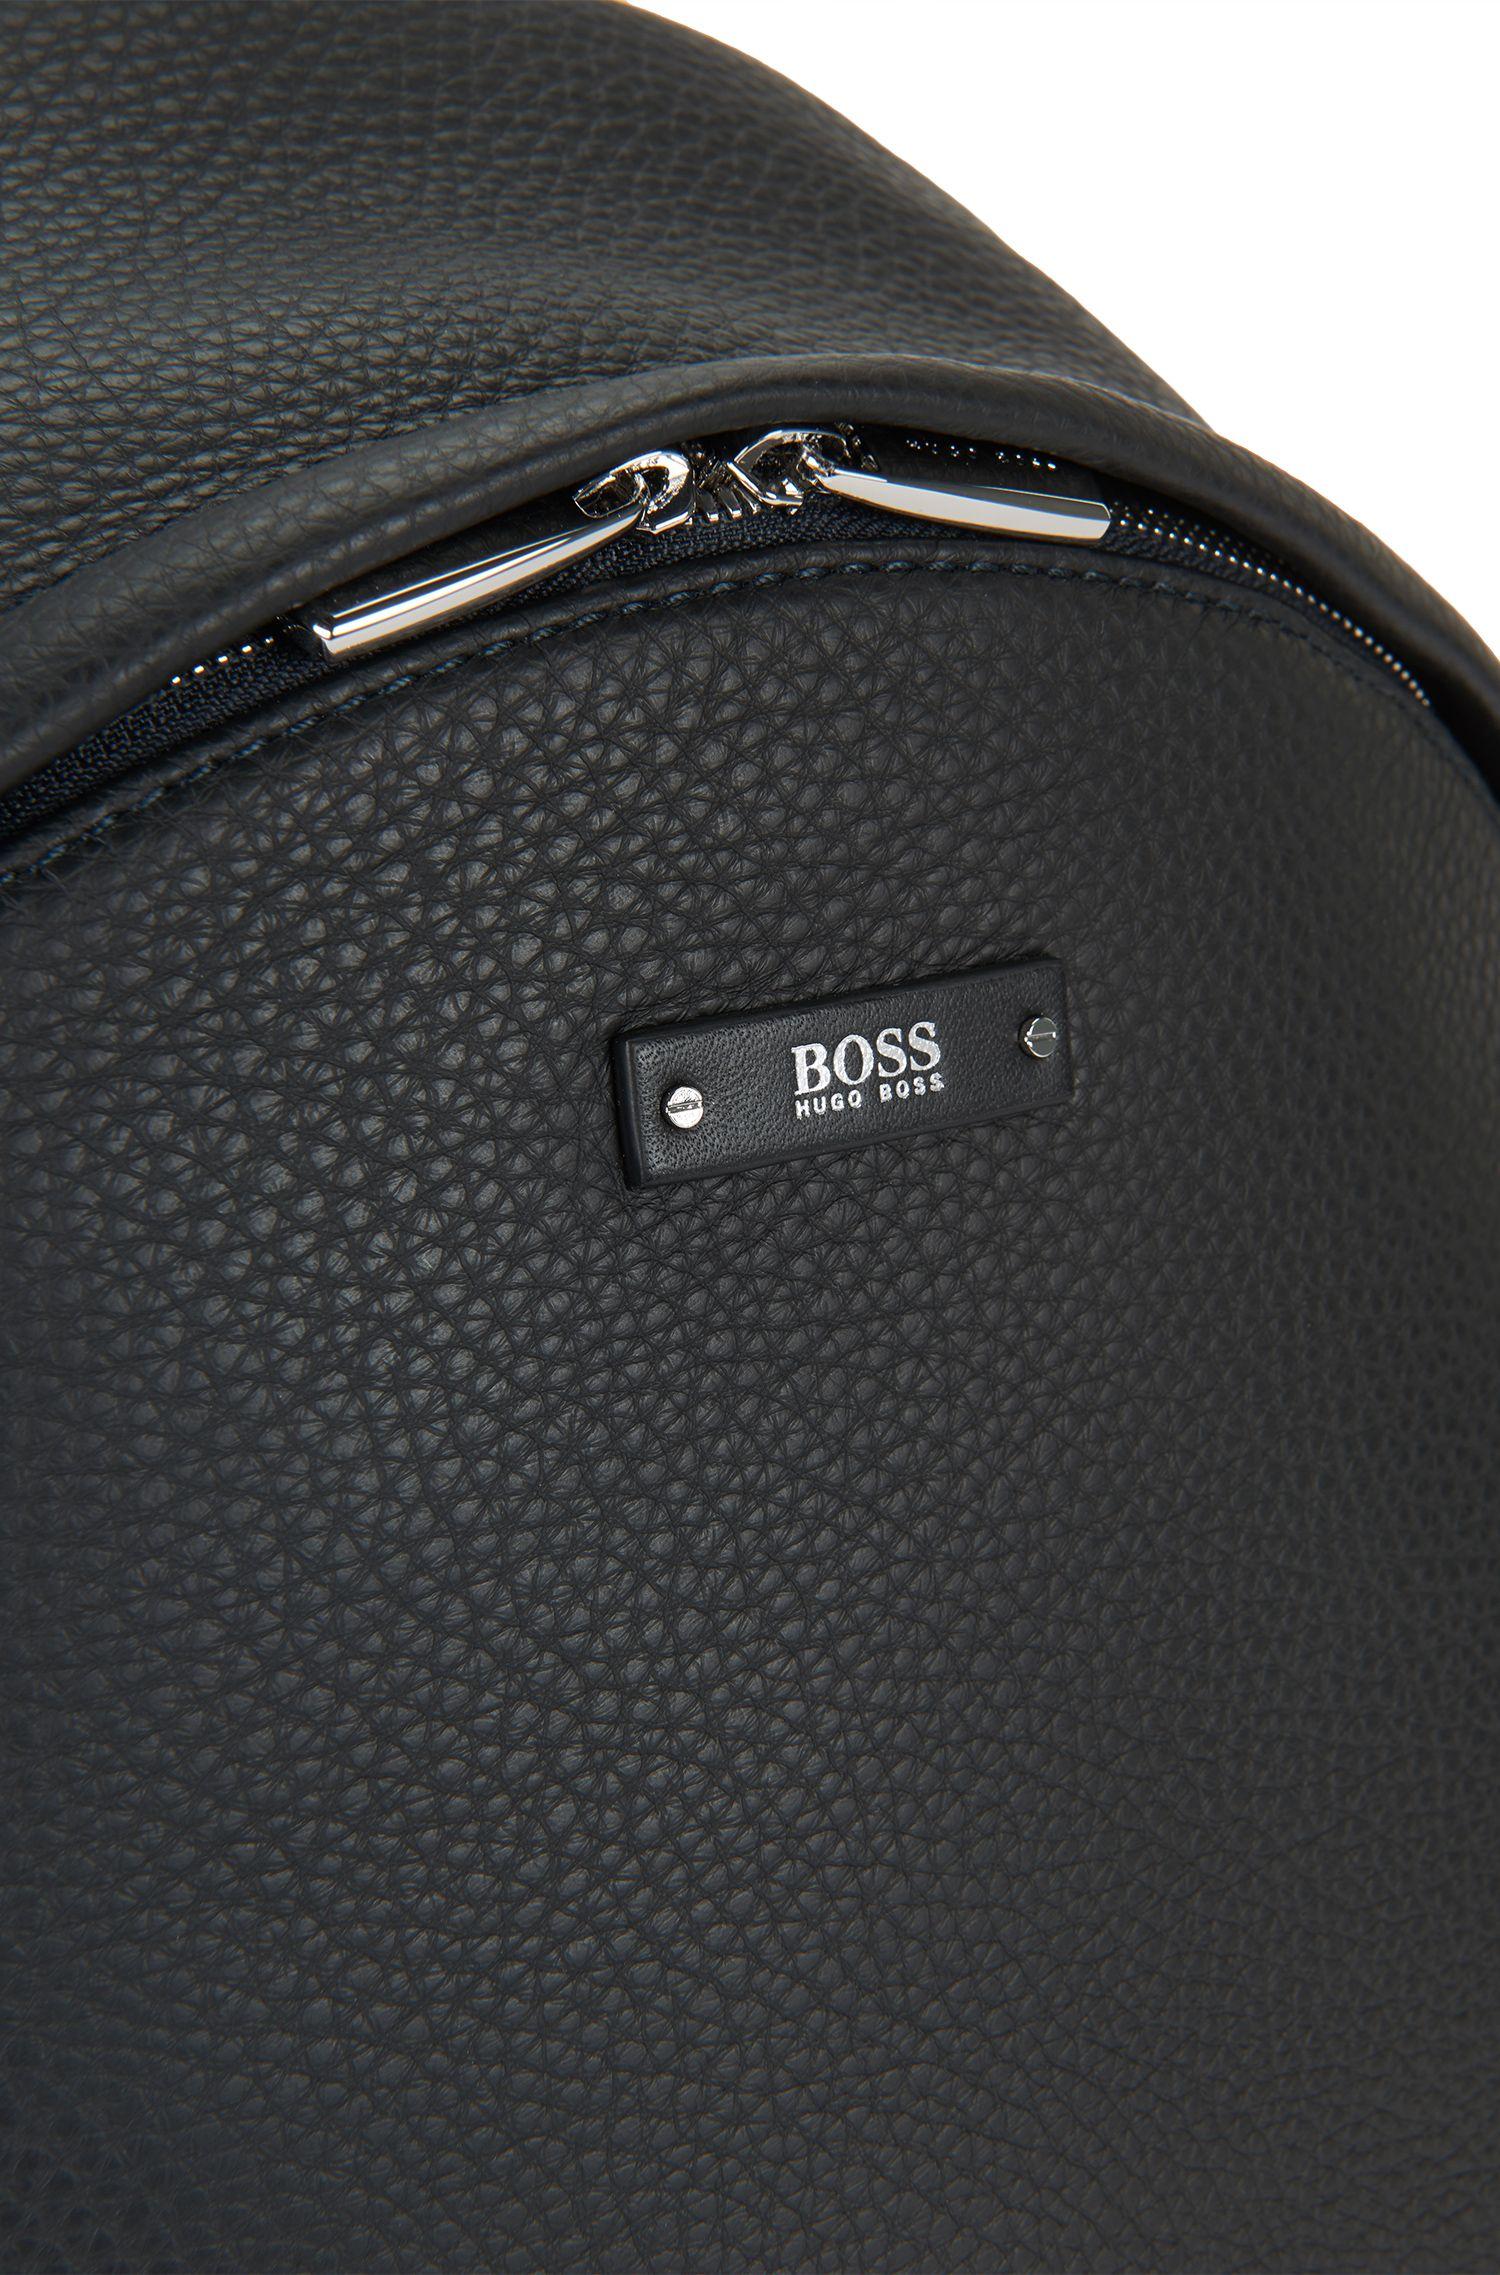 Leather Backpack | Traveller Backpack